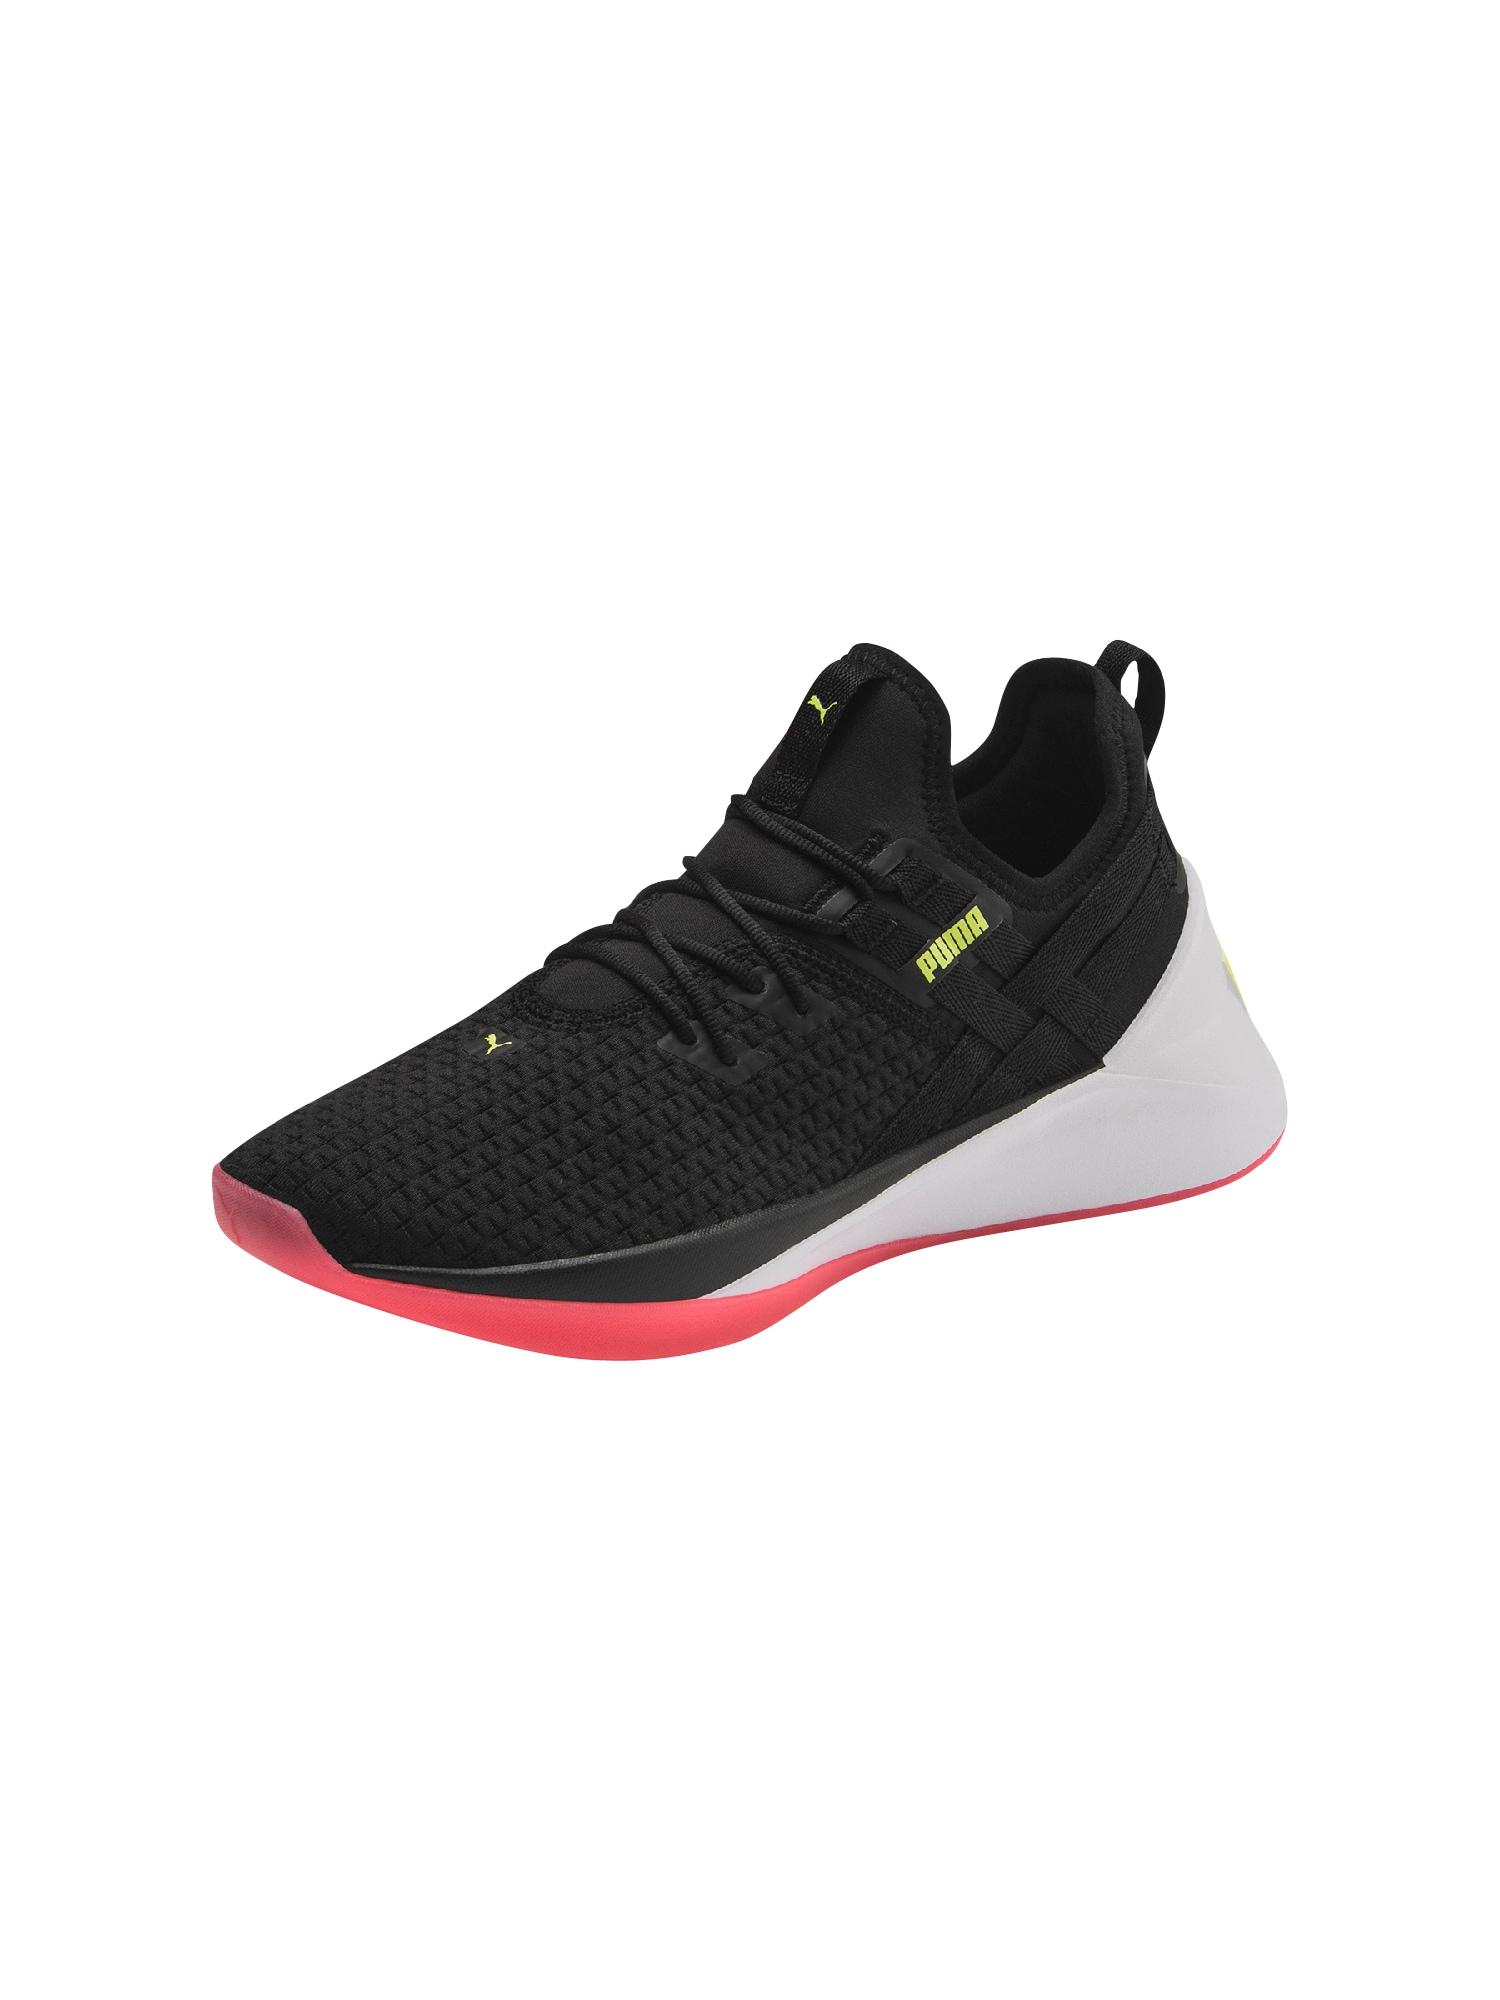 Sportovní boty Jaab XT pink černá bílá PUMA